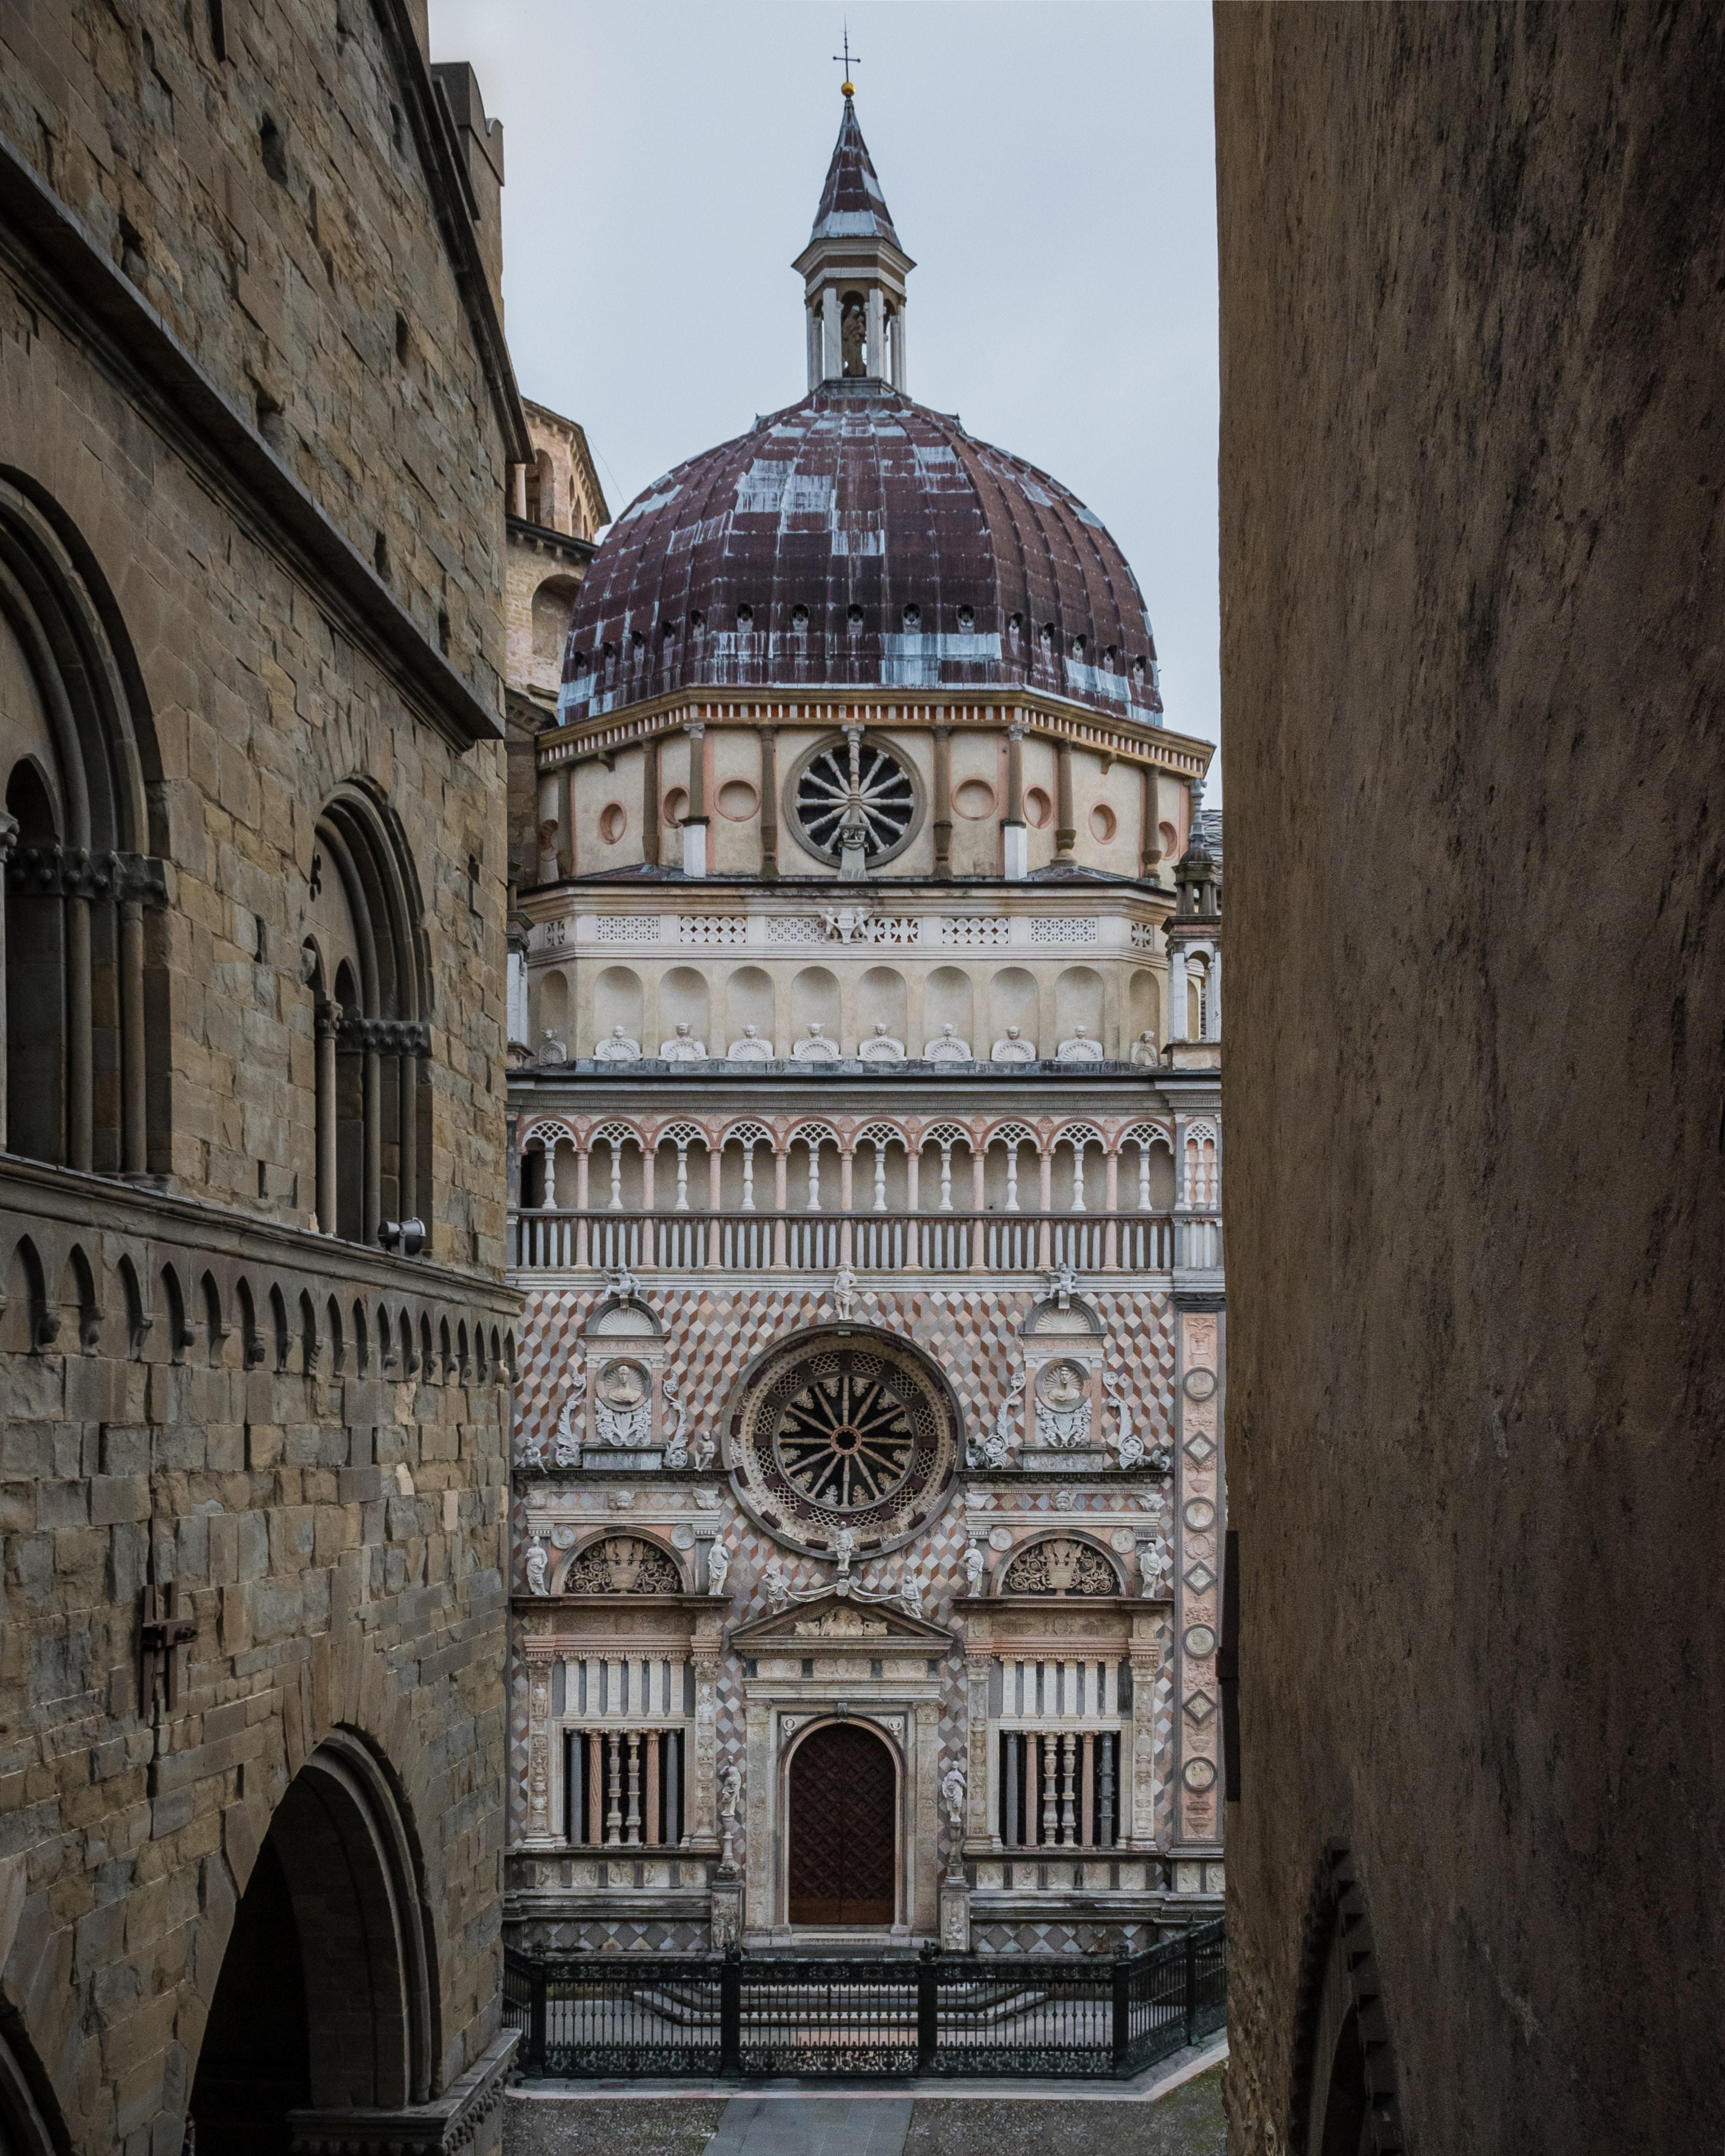 Basilica-di-Santa-Maria-Maggiore.jpg?1578140149